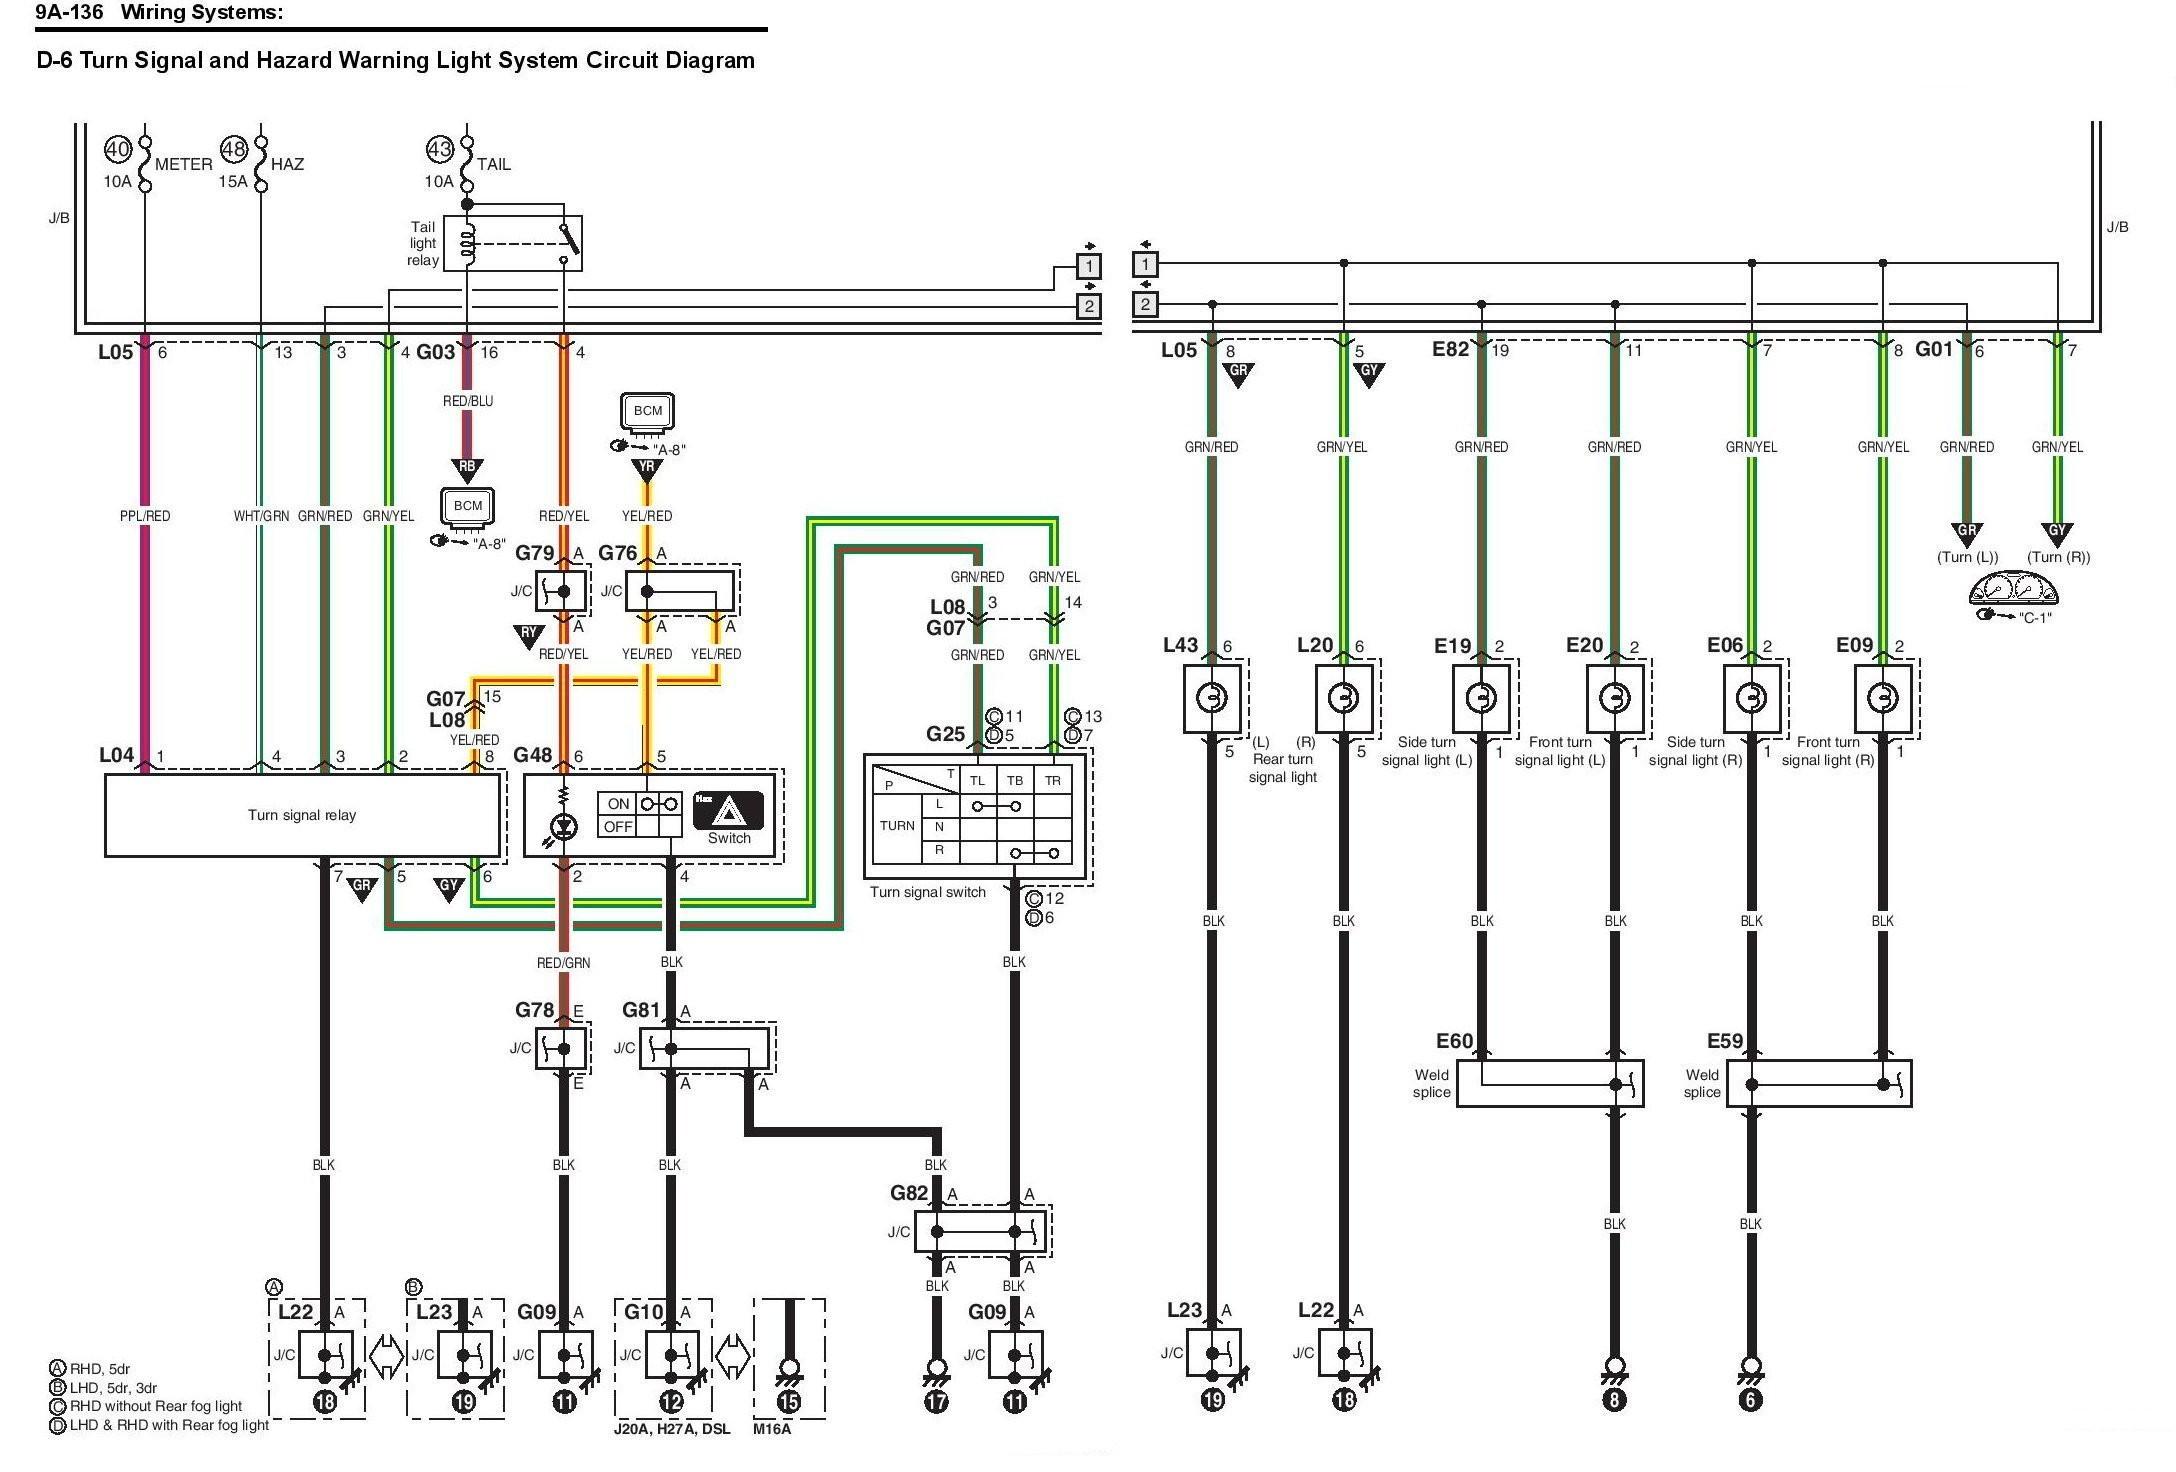 Suzuki Wiring Diagram Motorcycle Suzuki Samurai Trailer Wiring Wiring Data Of Suzuki Wiring Diagram Motorcycle